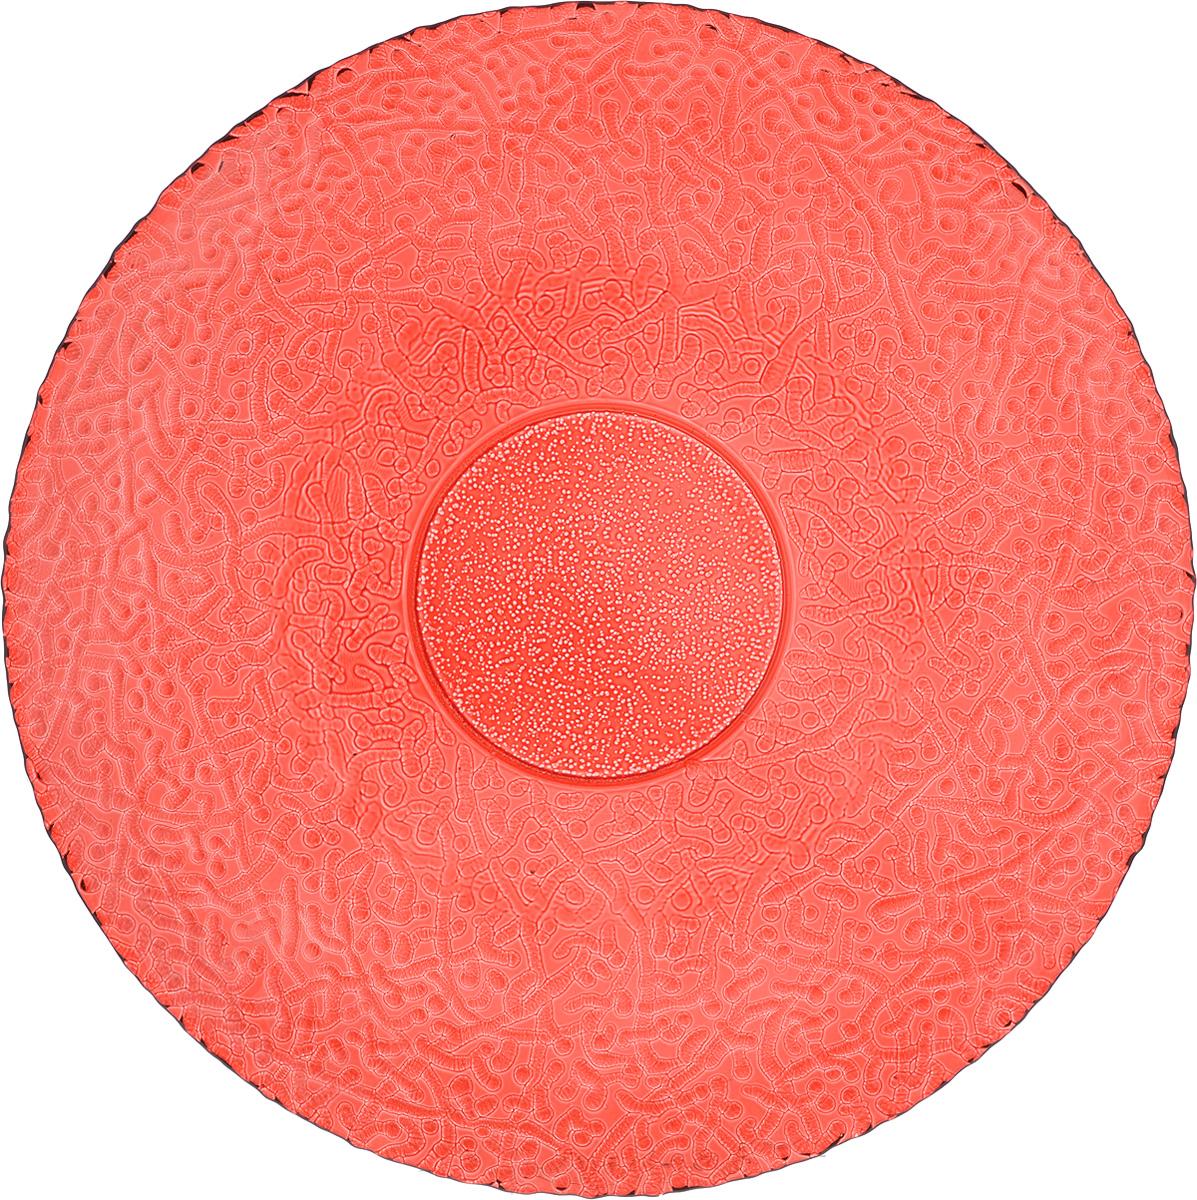 Тарелка NiNaGlass Ажур, цвет: рубиновый, диаметр 26 см83-071-Ф260 РУБТарелка NiNaGlass Ажур выполнена из высококачественного стекла и имеет рельефную внешнюю поверхность. Она прекрасно впишется в интерьер вашей кухни и станет достойным дополнением к кухонному инвентарю. Тарелка NiNaGlass Ажур подчеркнет прекрасный вкус хозяйки и станет отличным подарком. Диаметр тарелки: 26 см. Высота: 3 см.